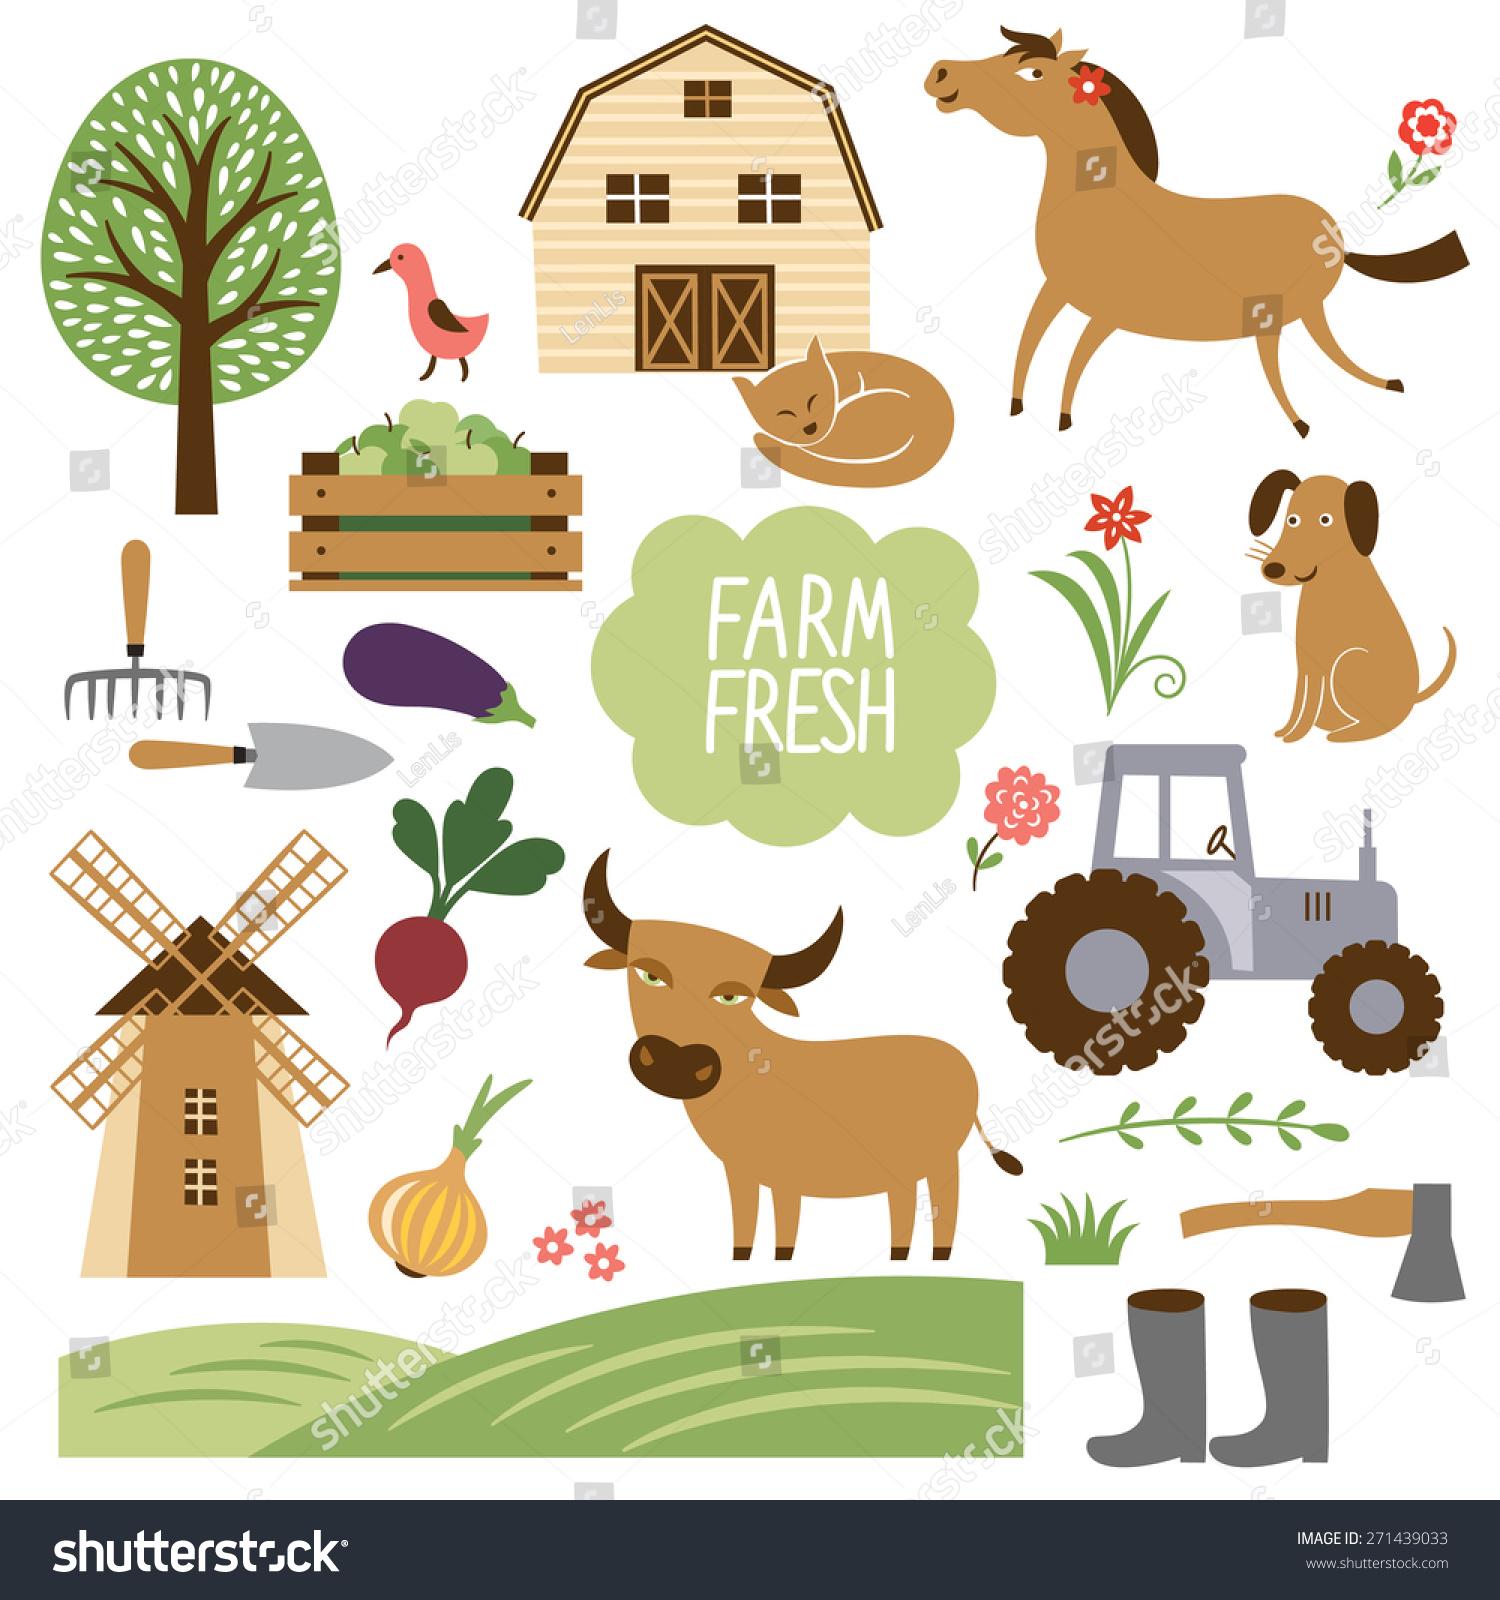 农场动物及相关物品的矢量图示集合-符号/标志